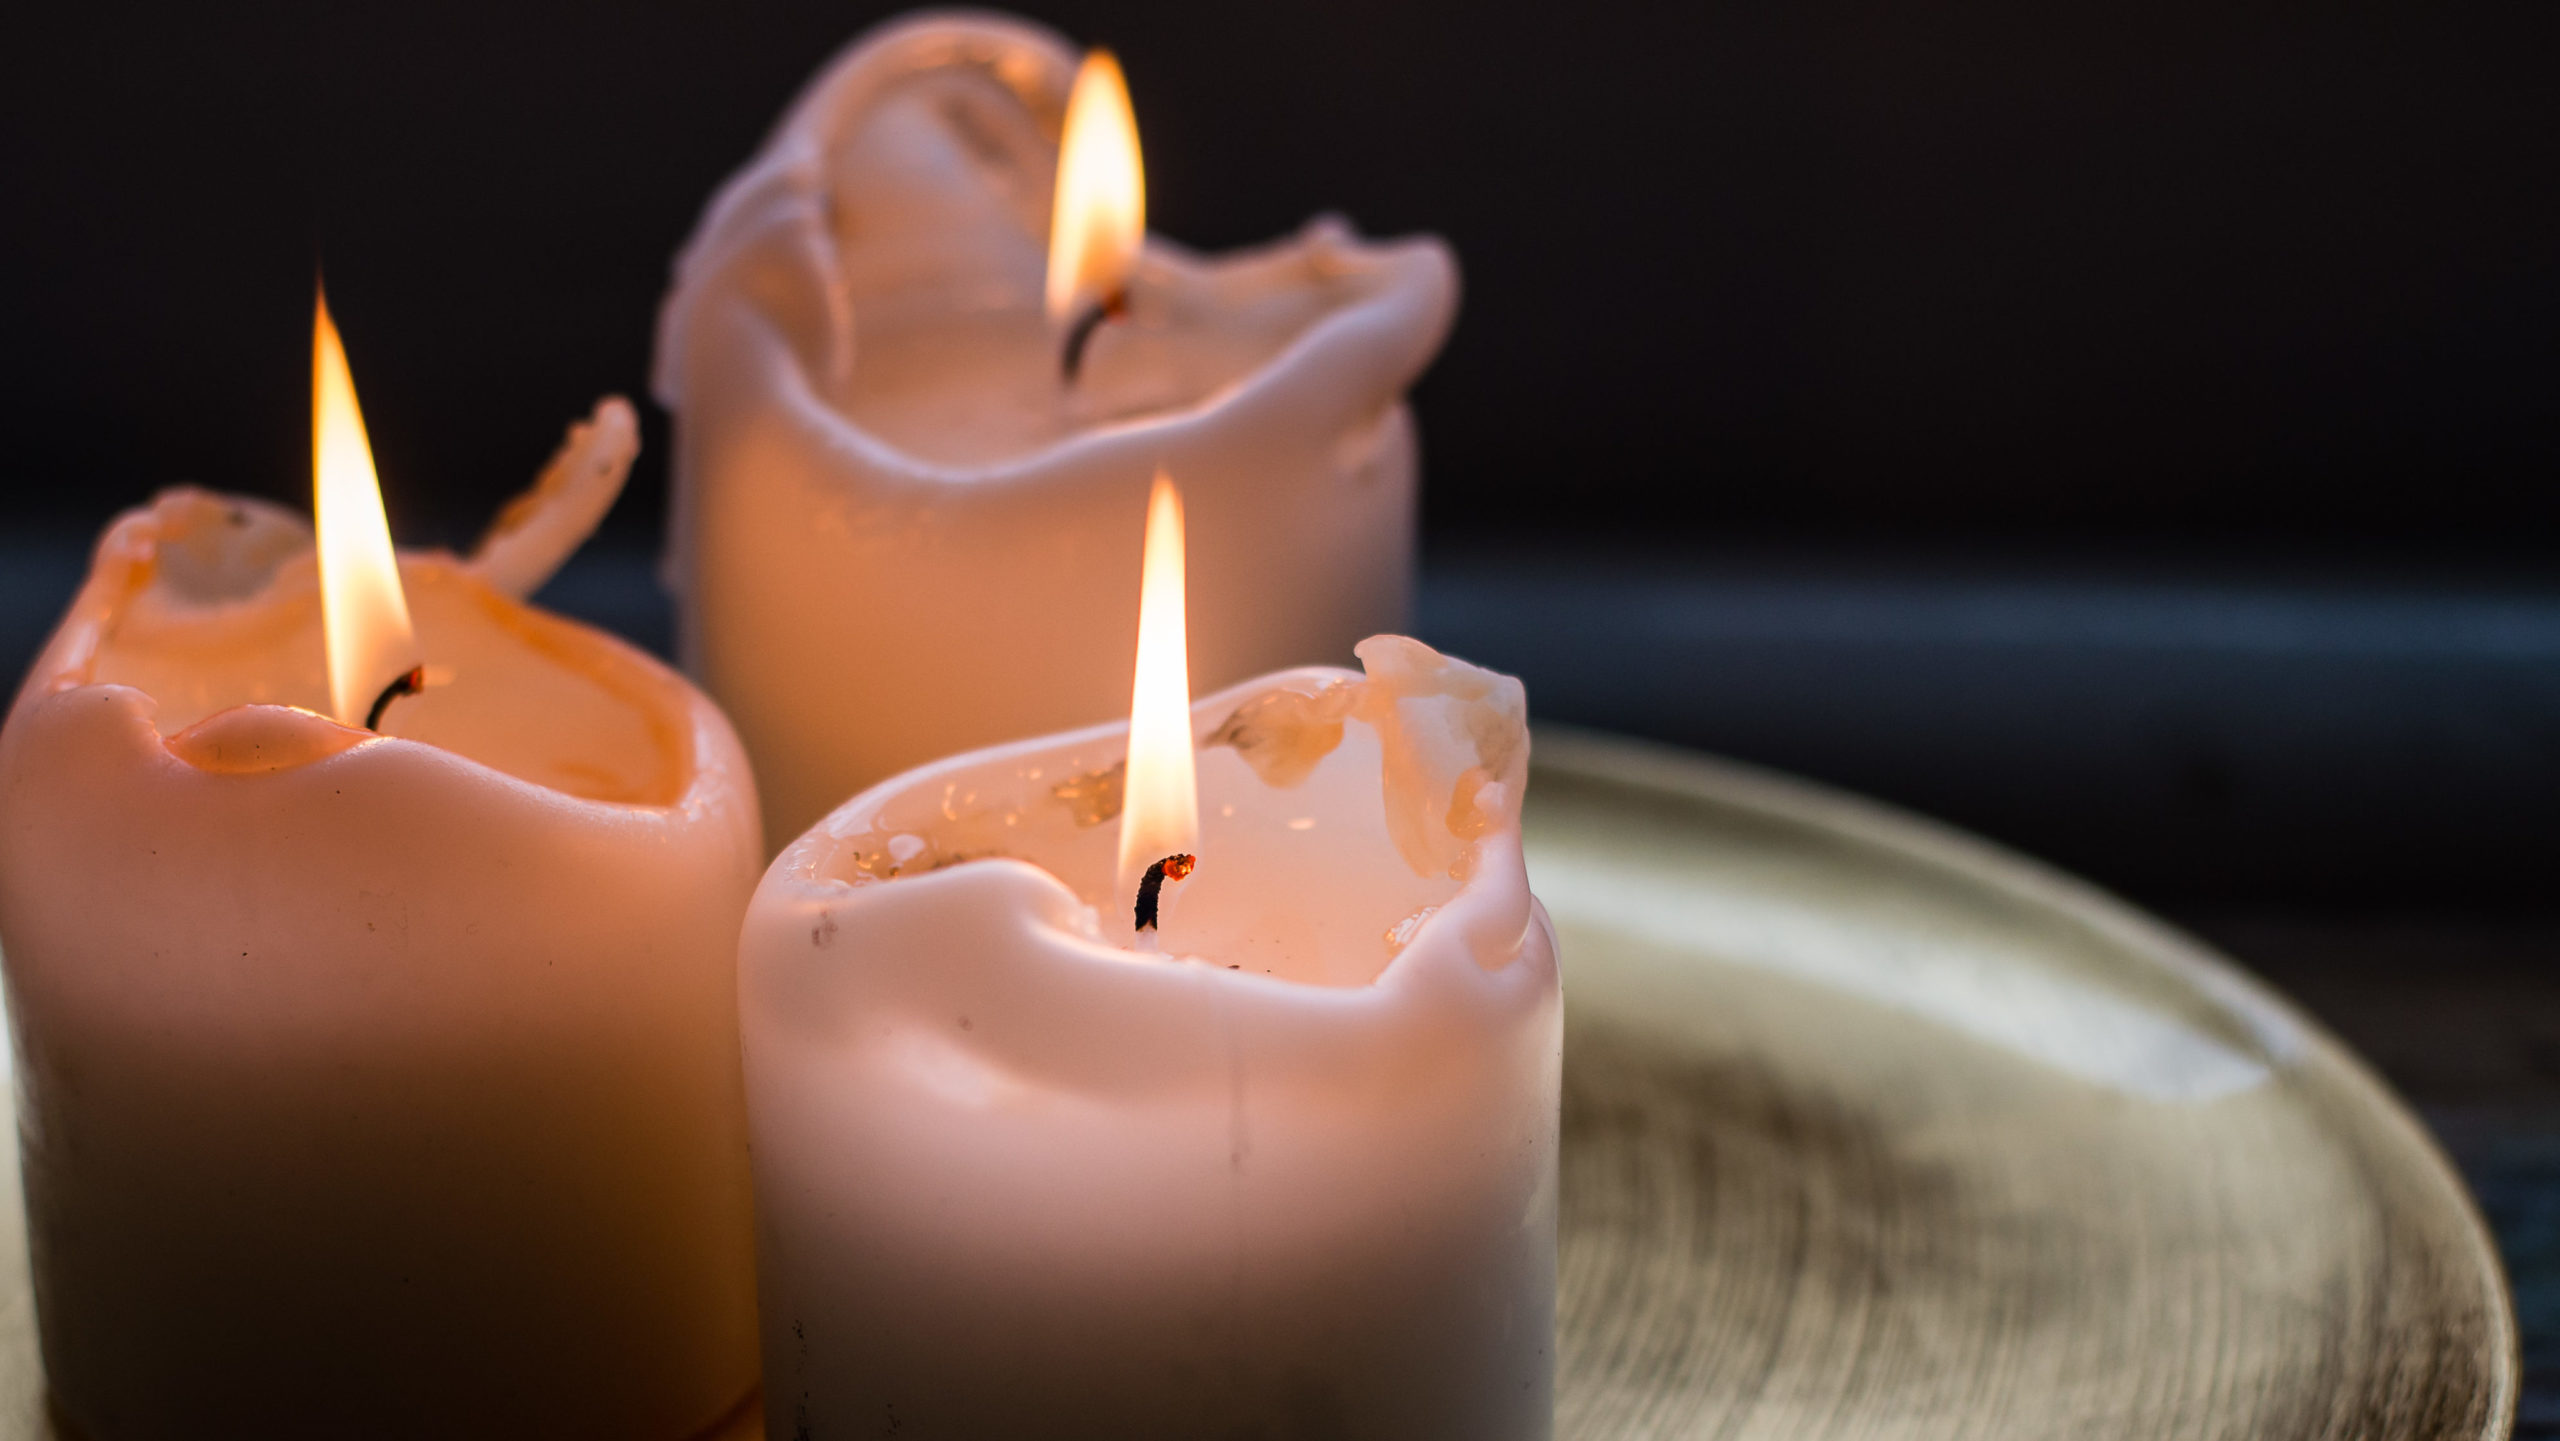 entzündete Kerzen auf goldener Auflage